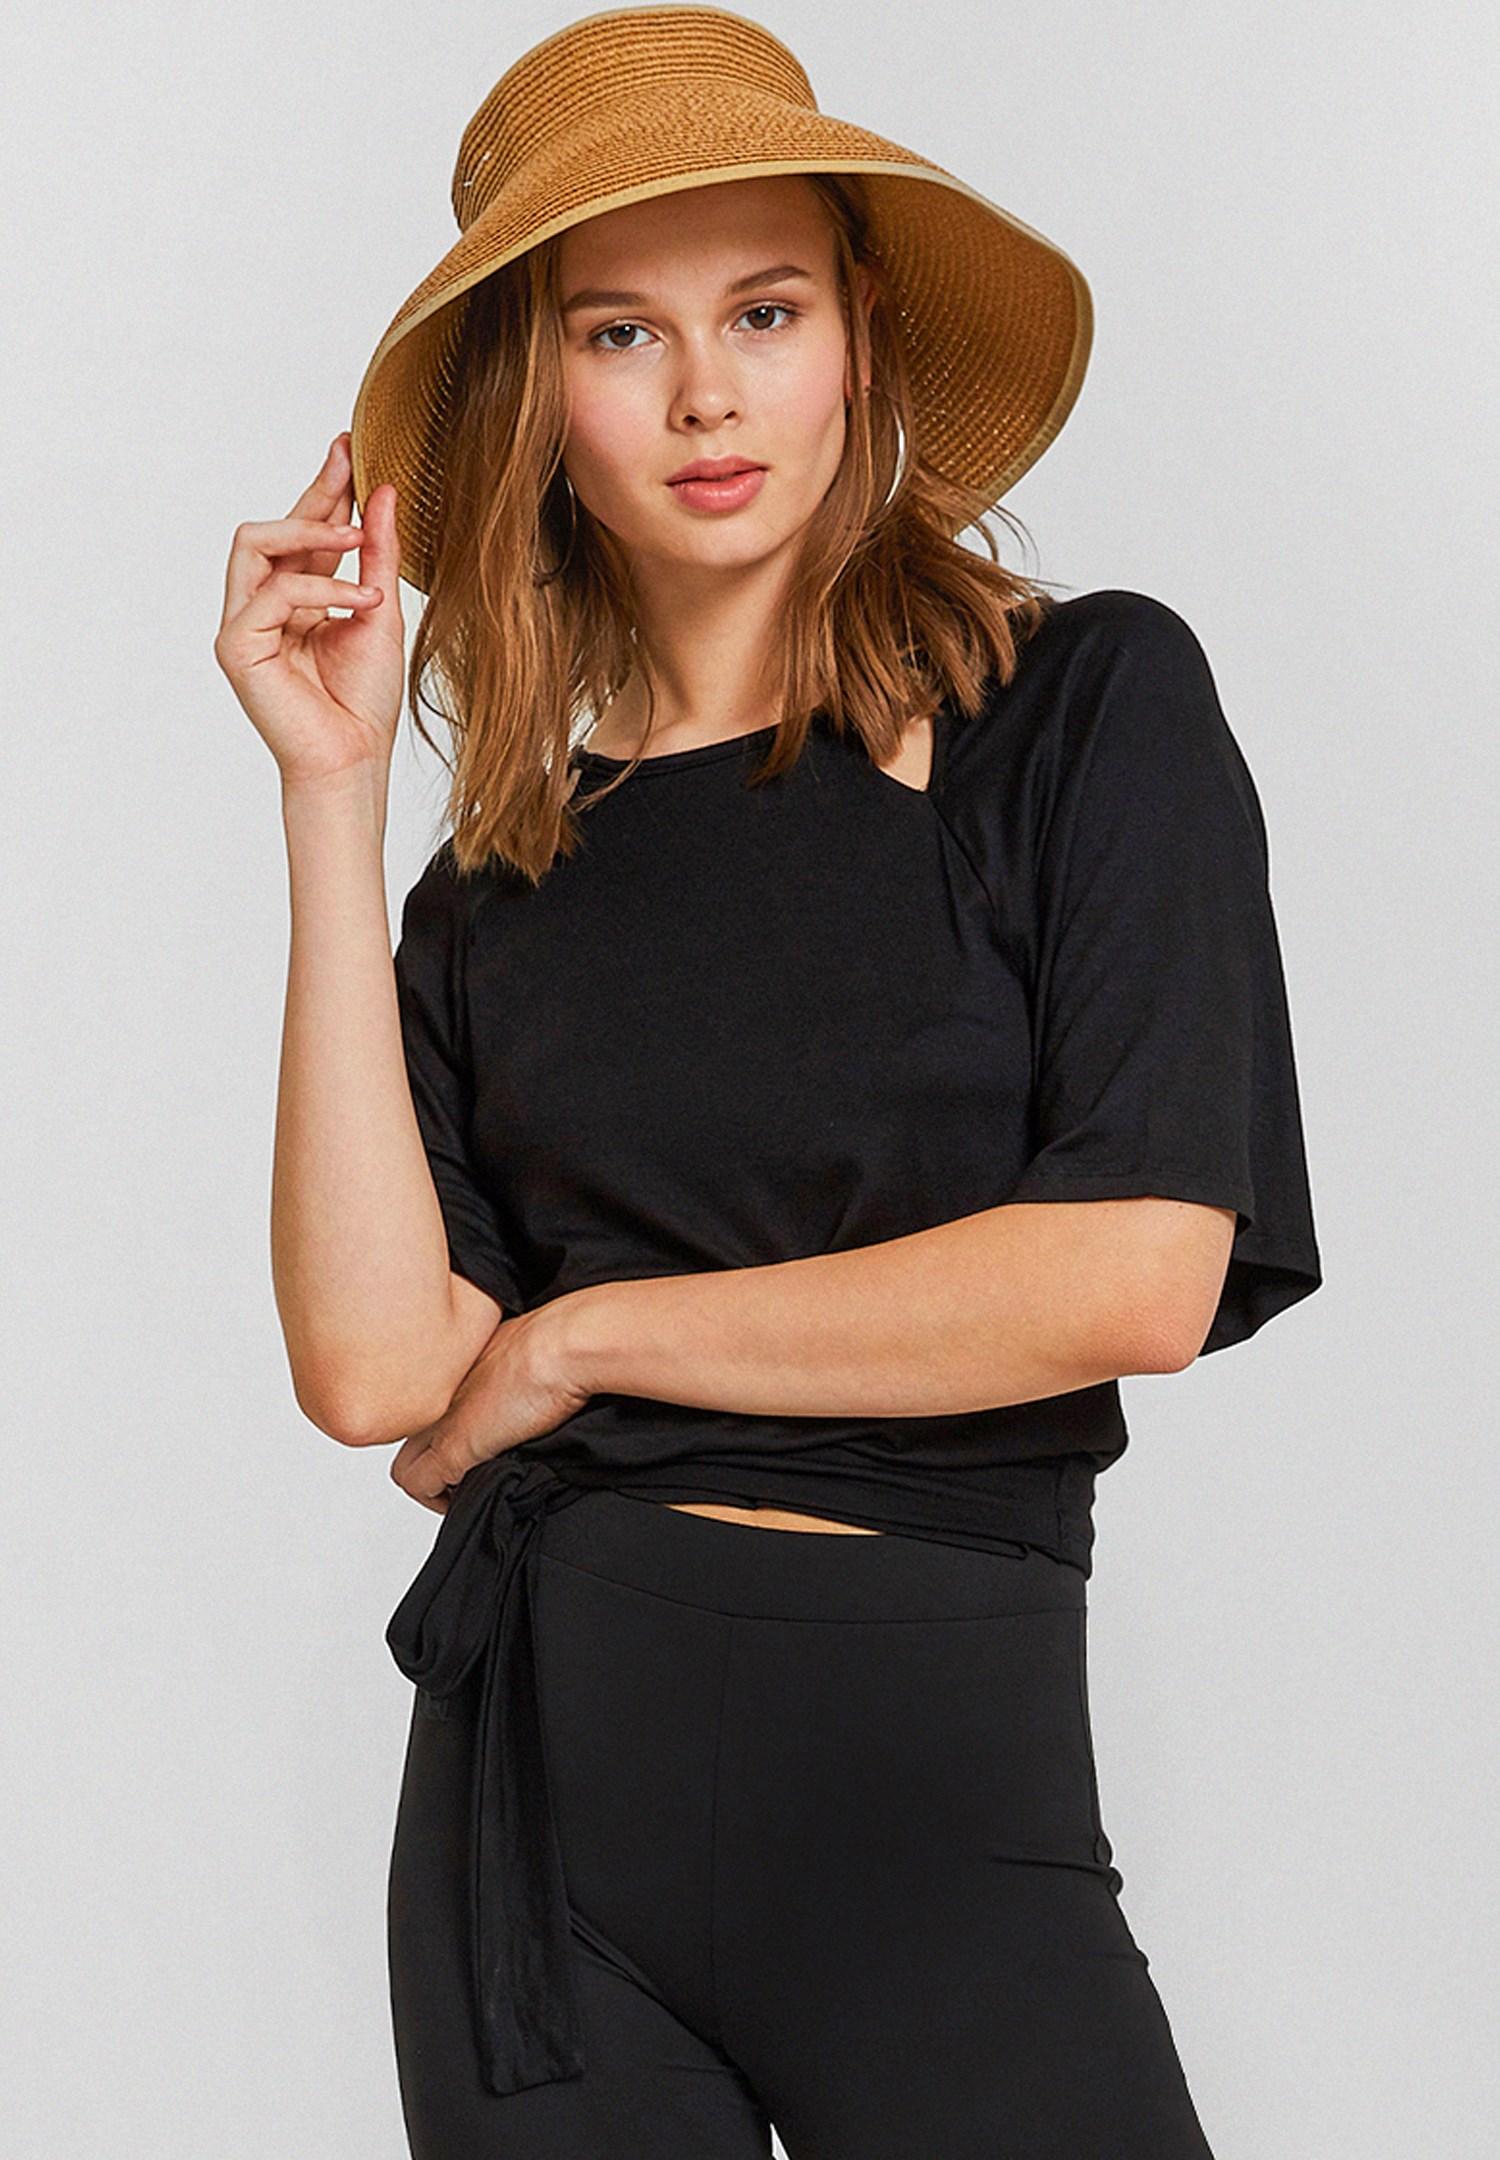 Bayan Kahverengi Arkası Fiyonk Detaylı Hasır Şapka